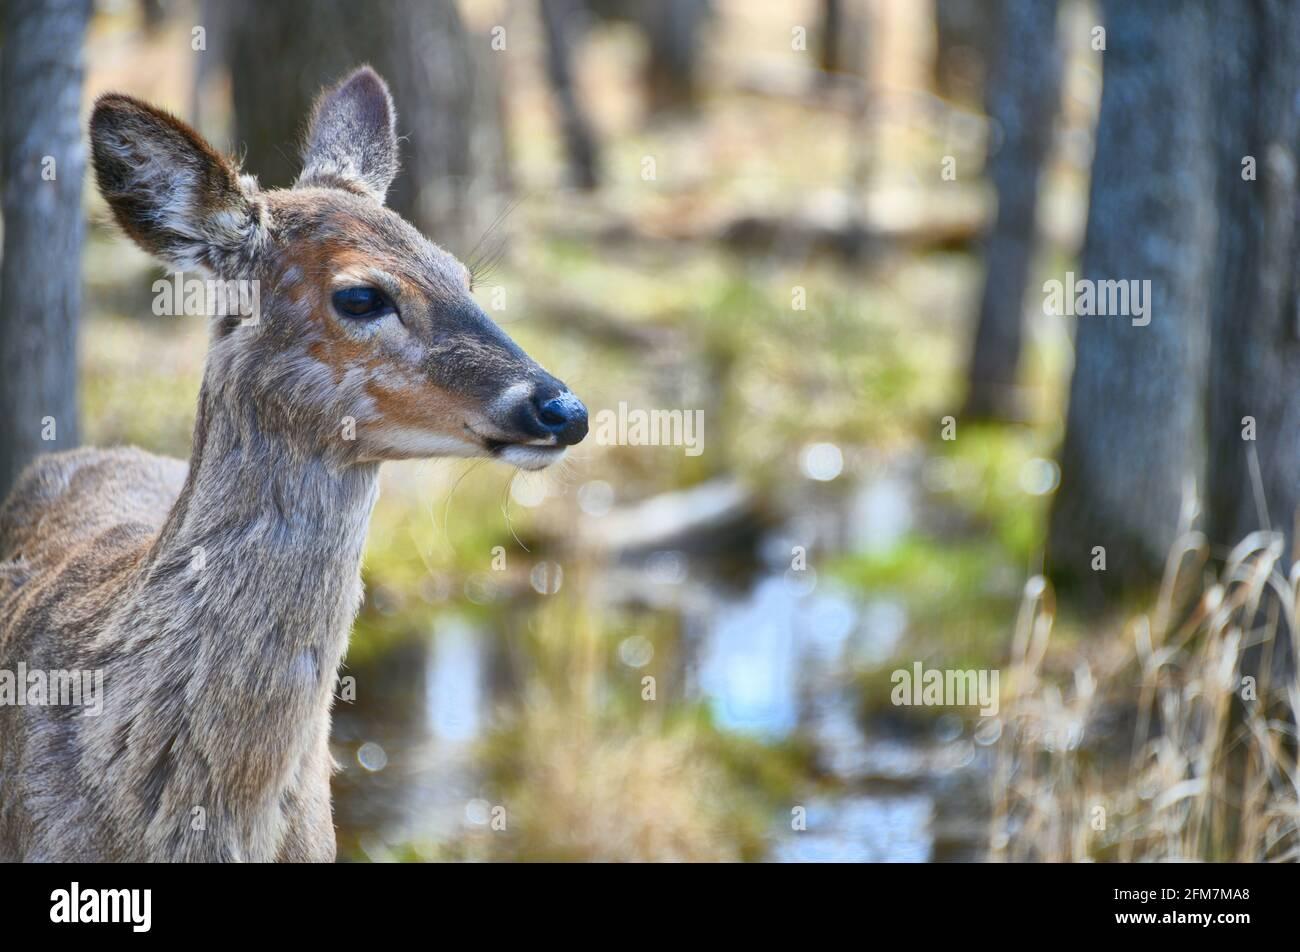 Una vista lateral de una doe de un año de pie en el bosque como ella pierde su abrigo de invierno. Foto de stock